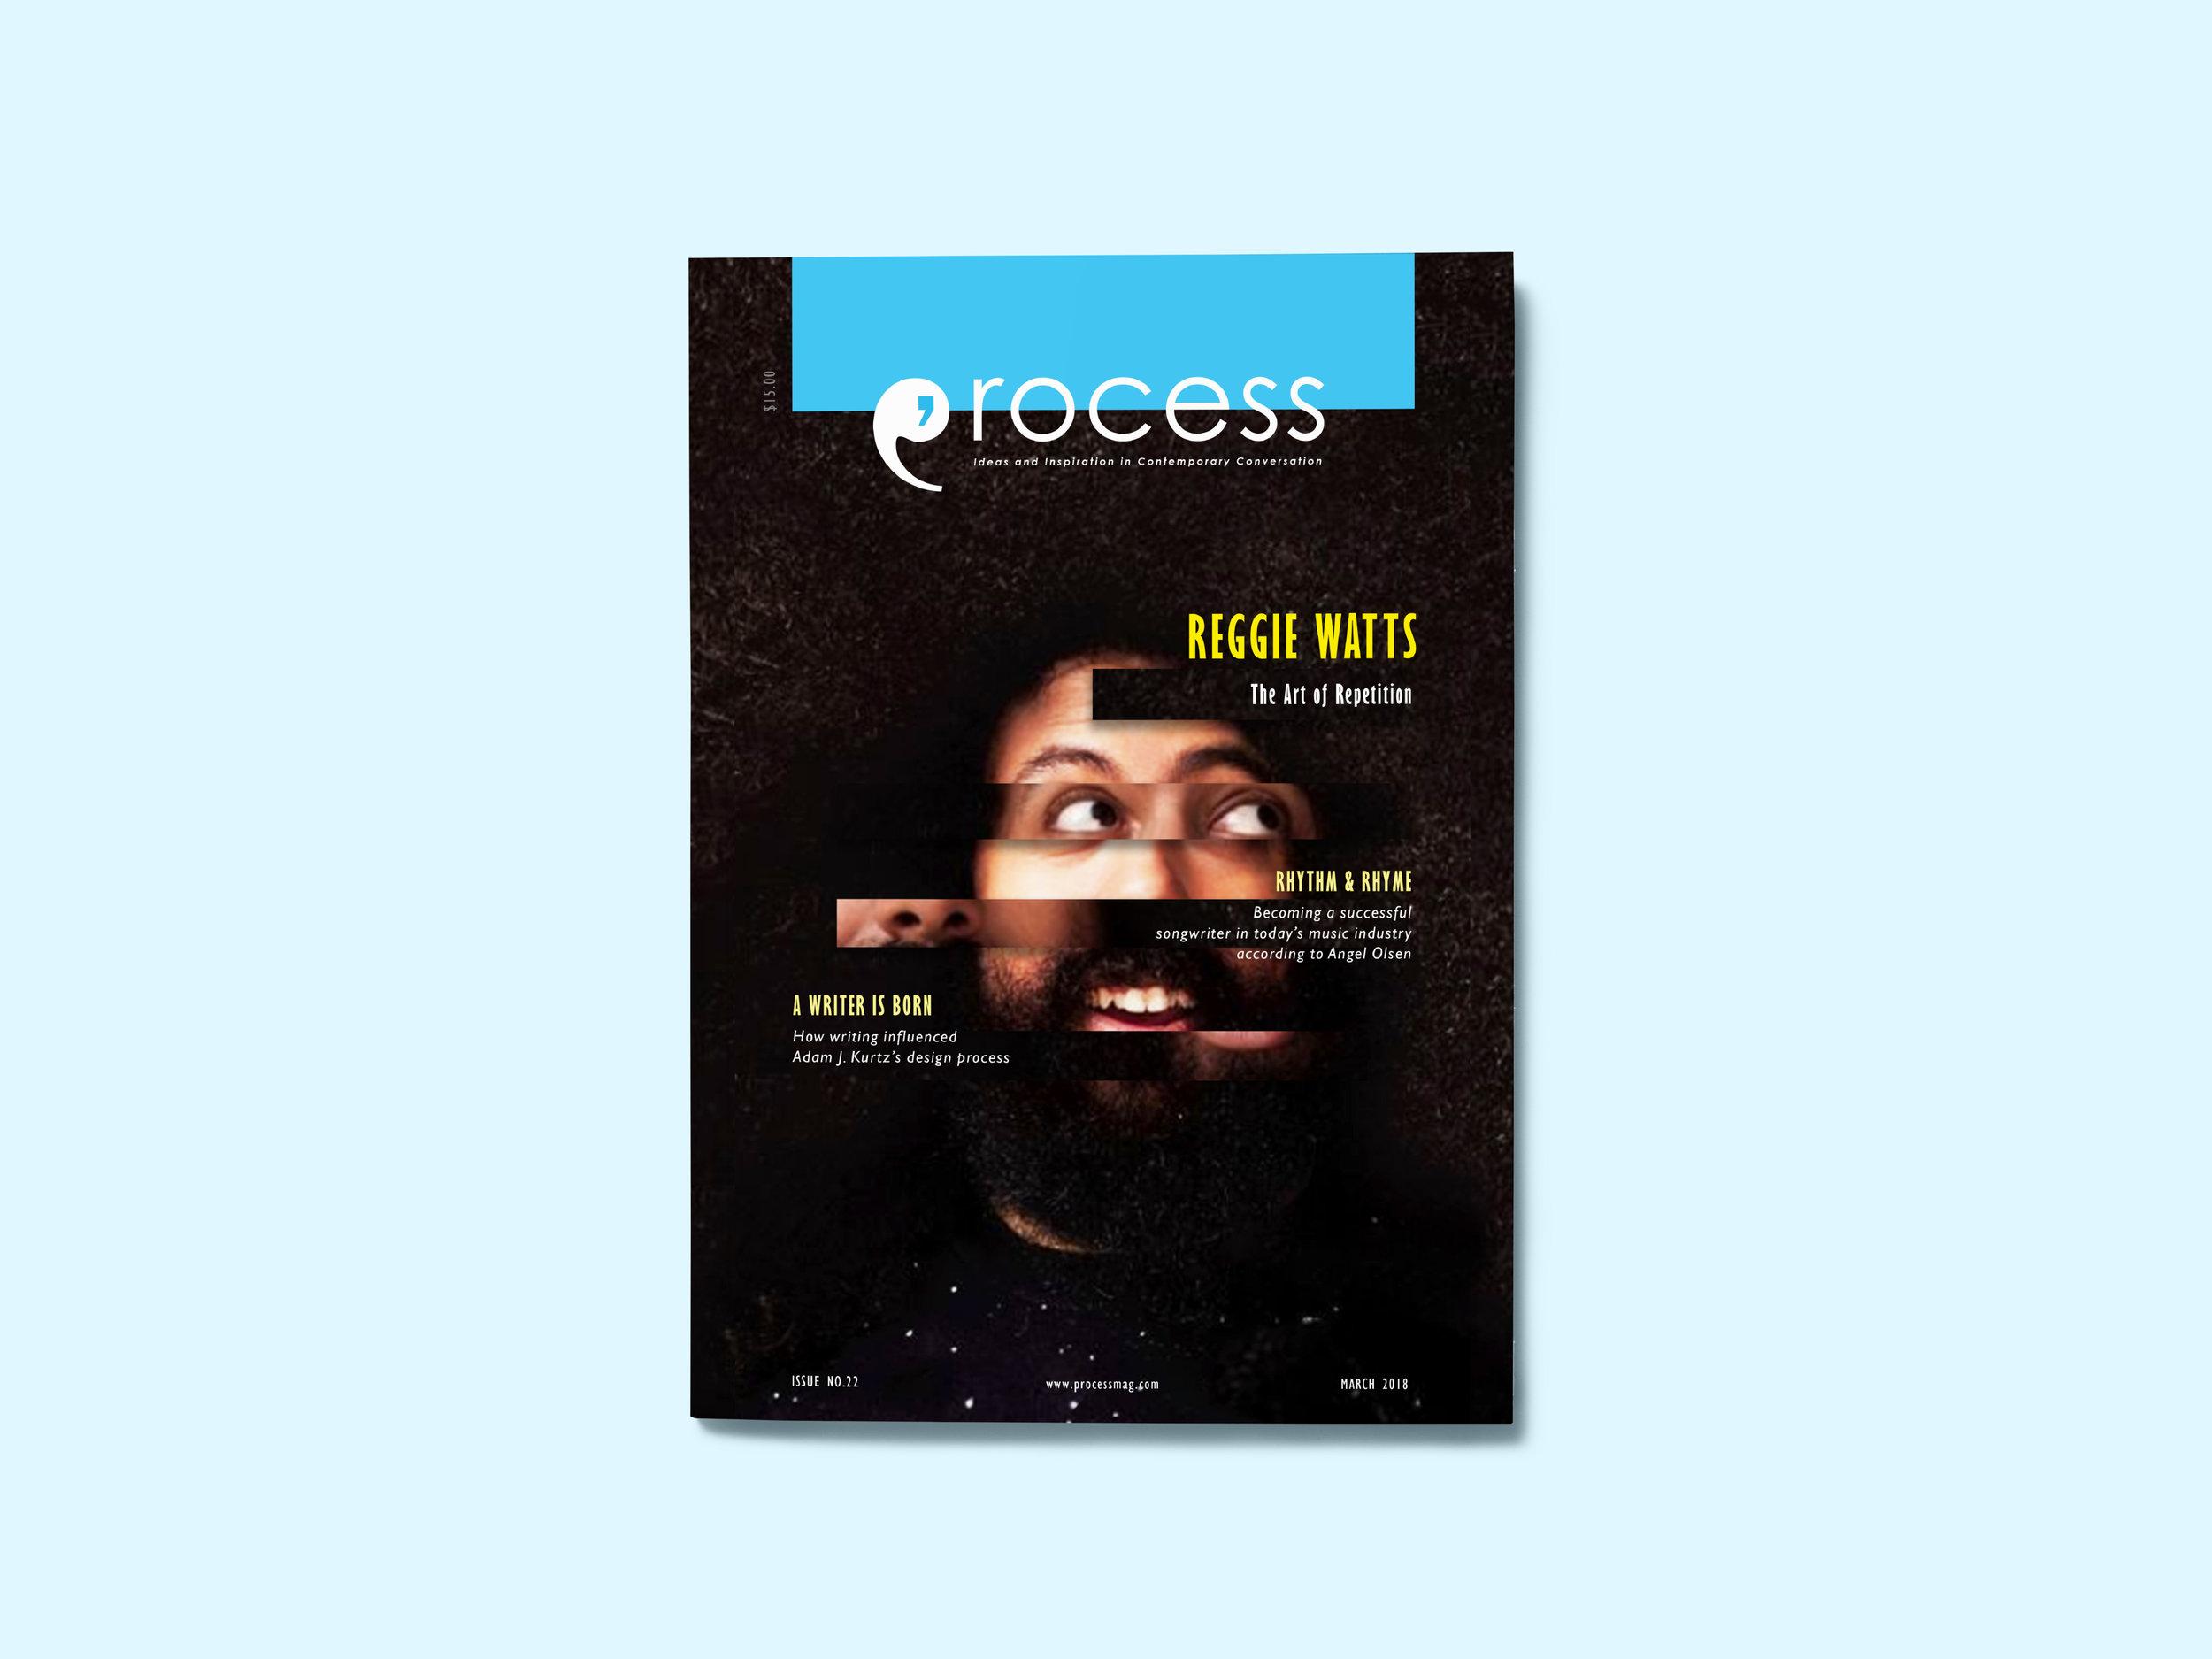 processmagmockupcover.jpg